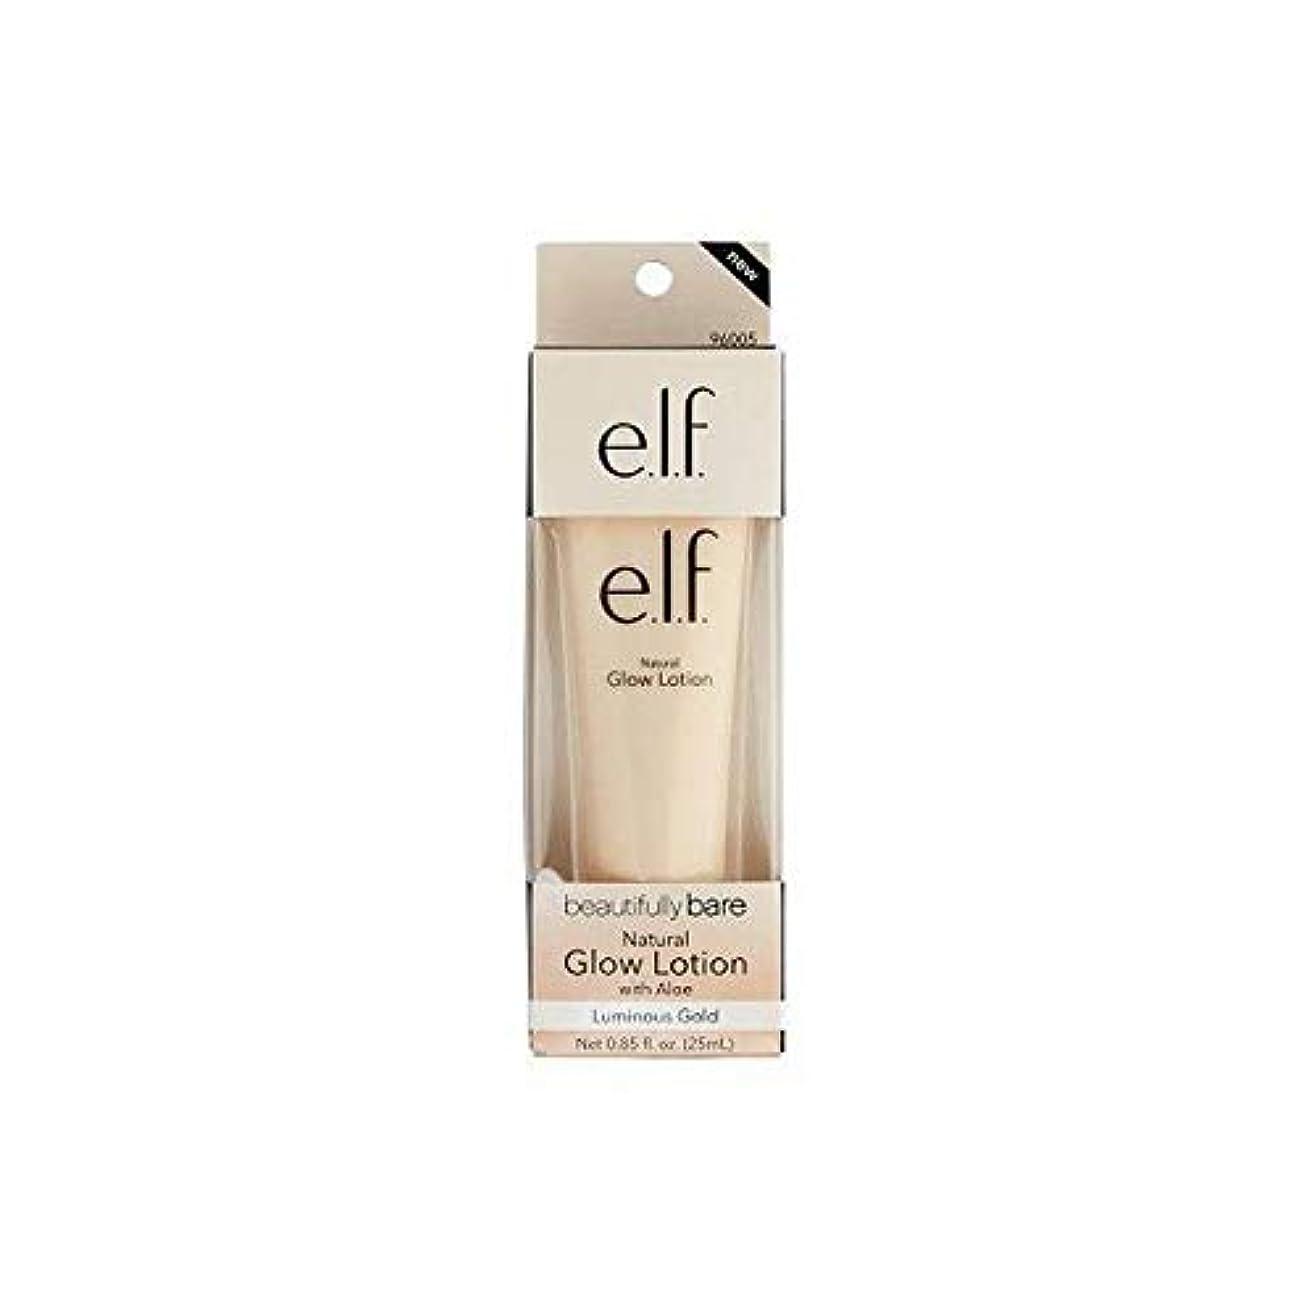 小売勘違いするご予約[Elf ] エルフ。美しく裸自然グローローション金 - e.l.f. Beautifully Bare Natural Glow Lotion gold [並行輸入品]